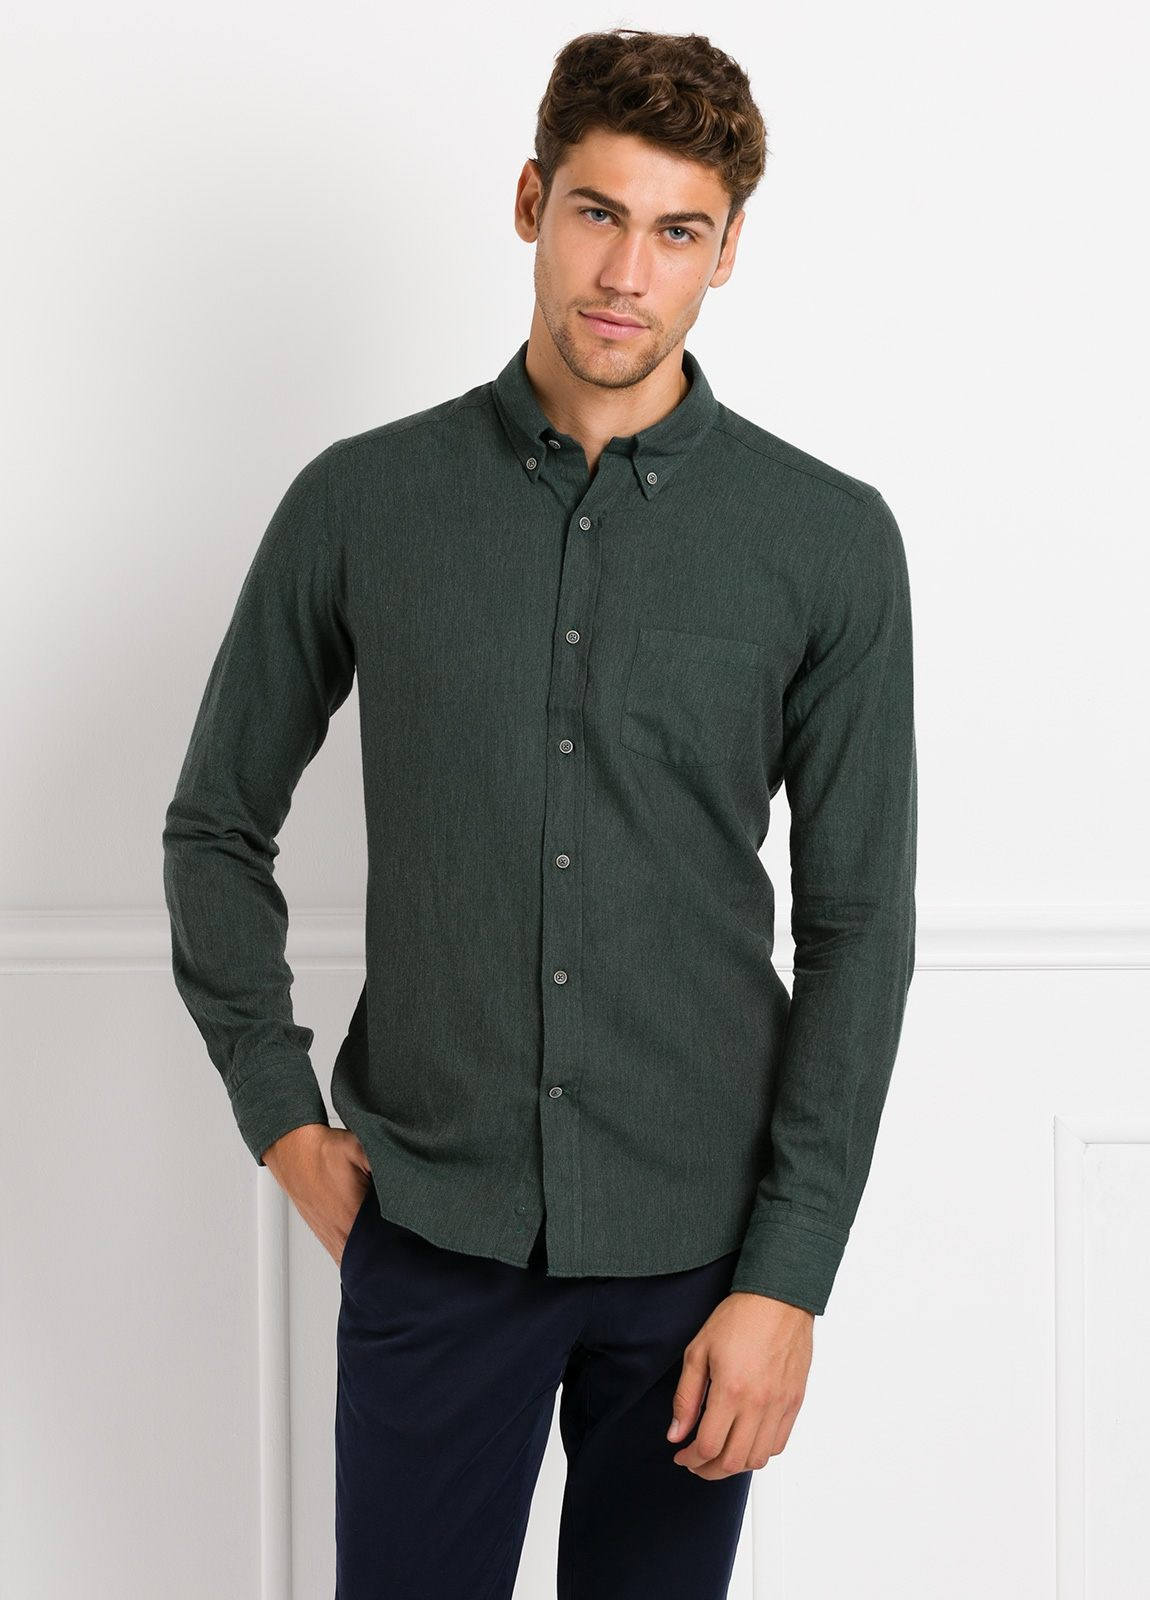 Camisa Leisure Wear REGULAR FIT BOTÓN DOWN, lisa color verde botella. 100% Algodón. - Ítem2